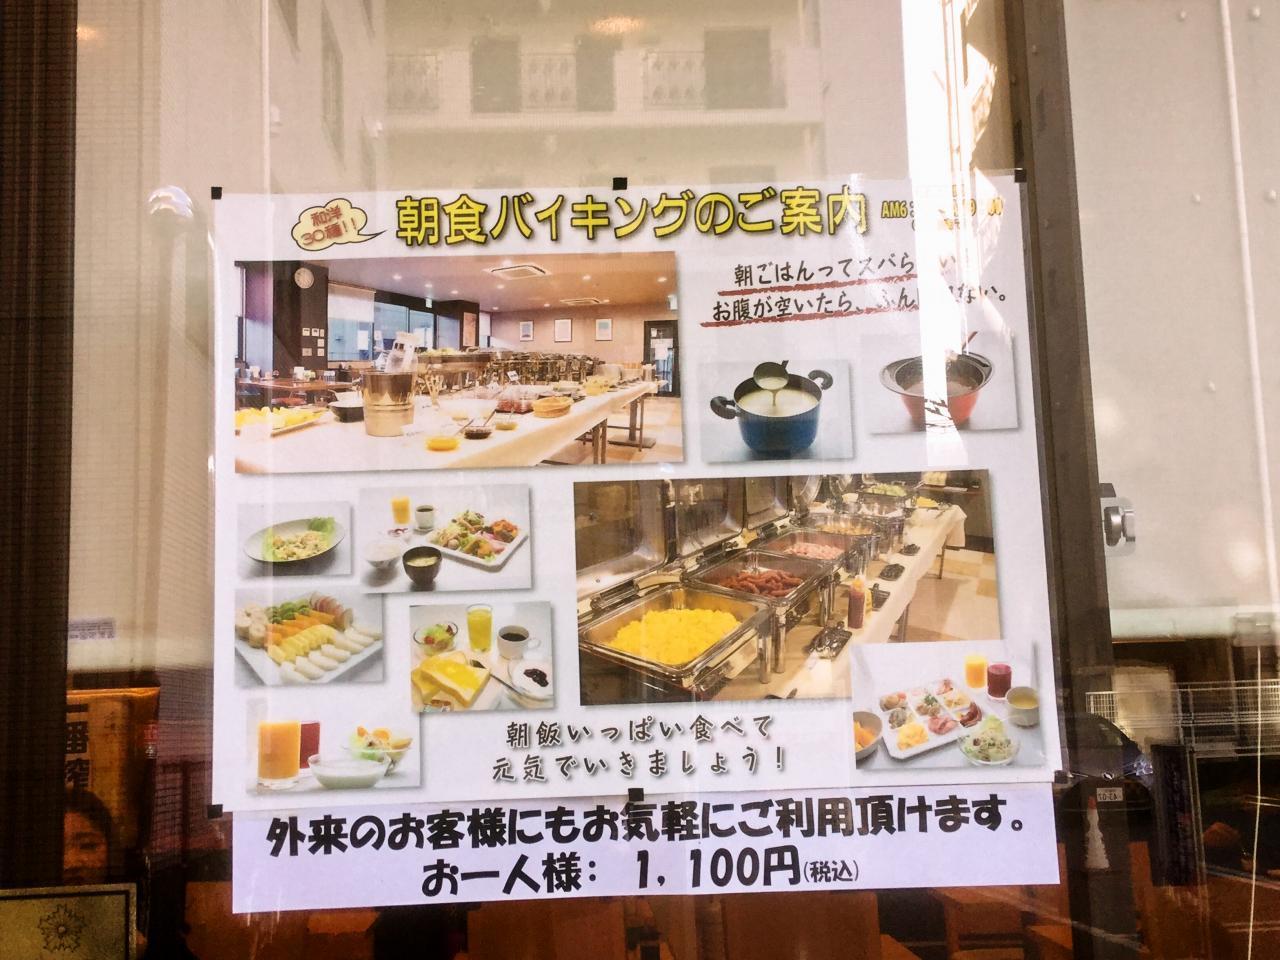 さくら食堂(店舗)